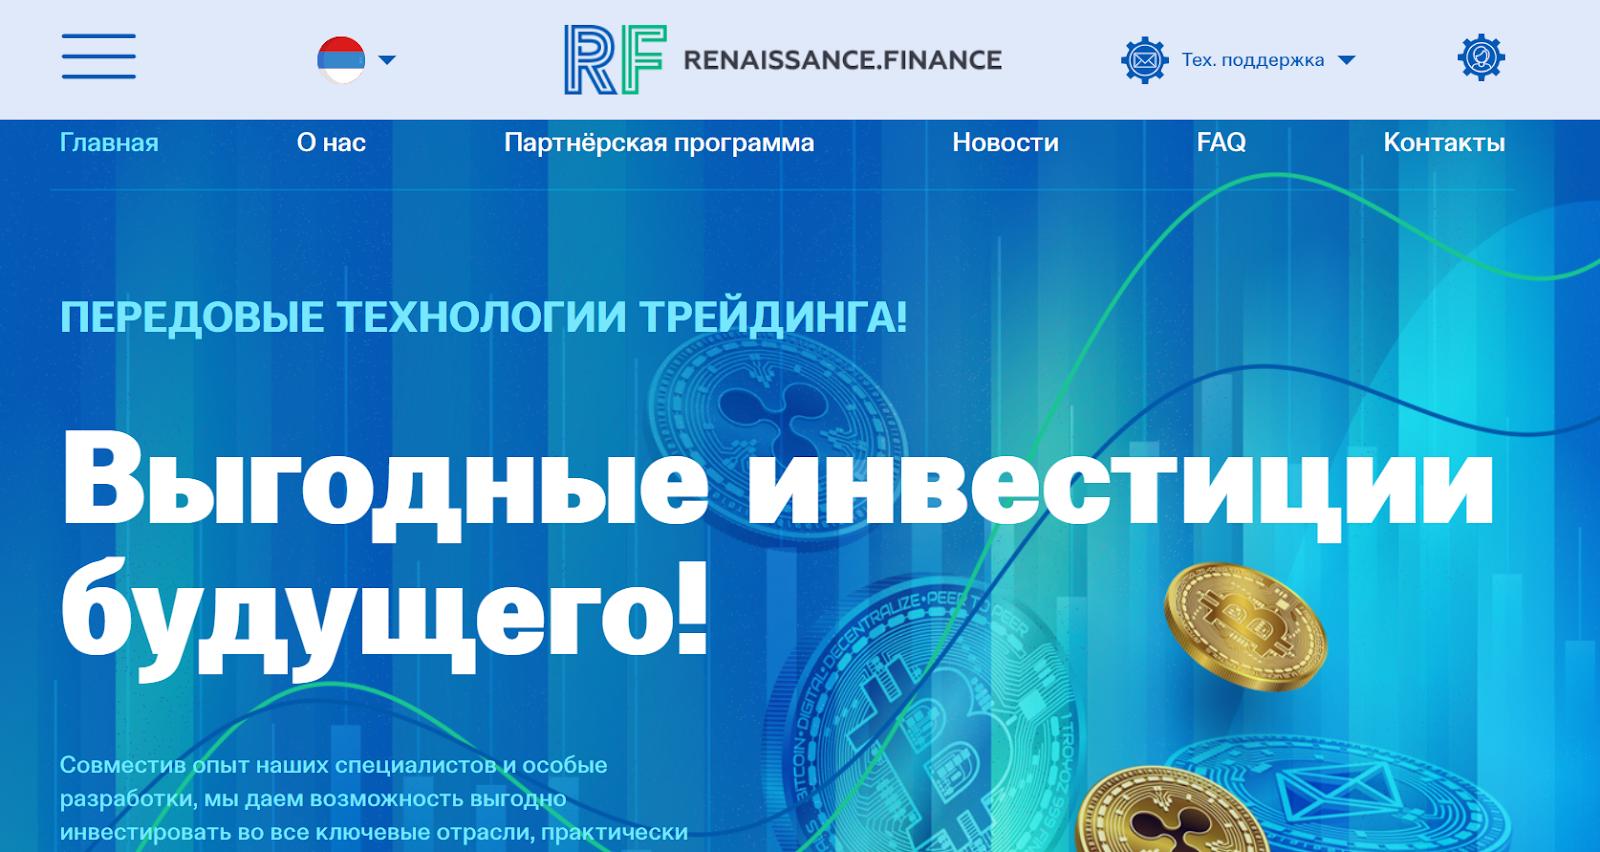 Отзывы о RENAISSANCE.FINANCE: можно ли доверять инвестпроекту? реальные отзывы